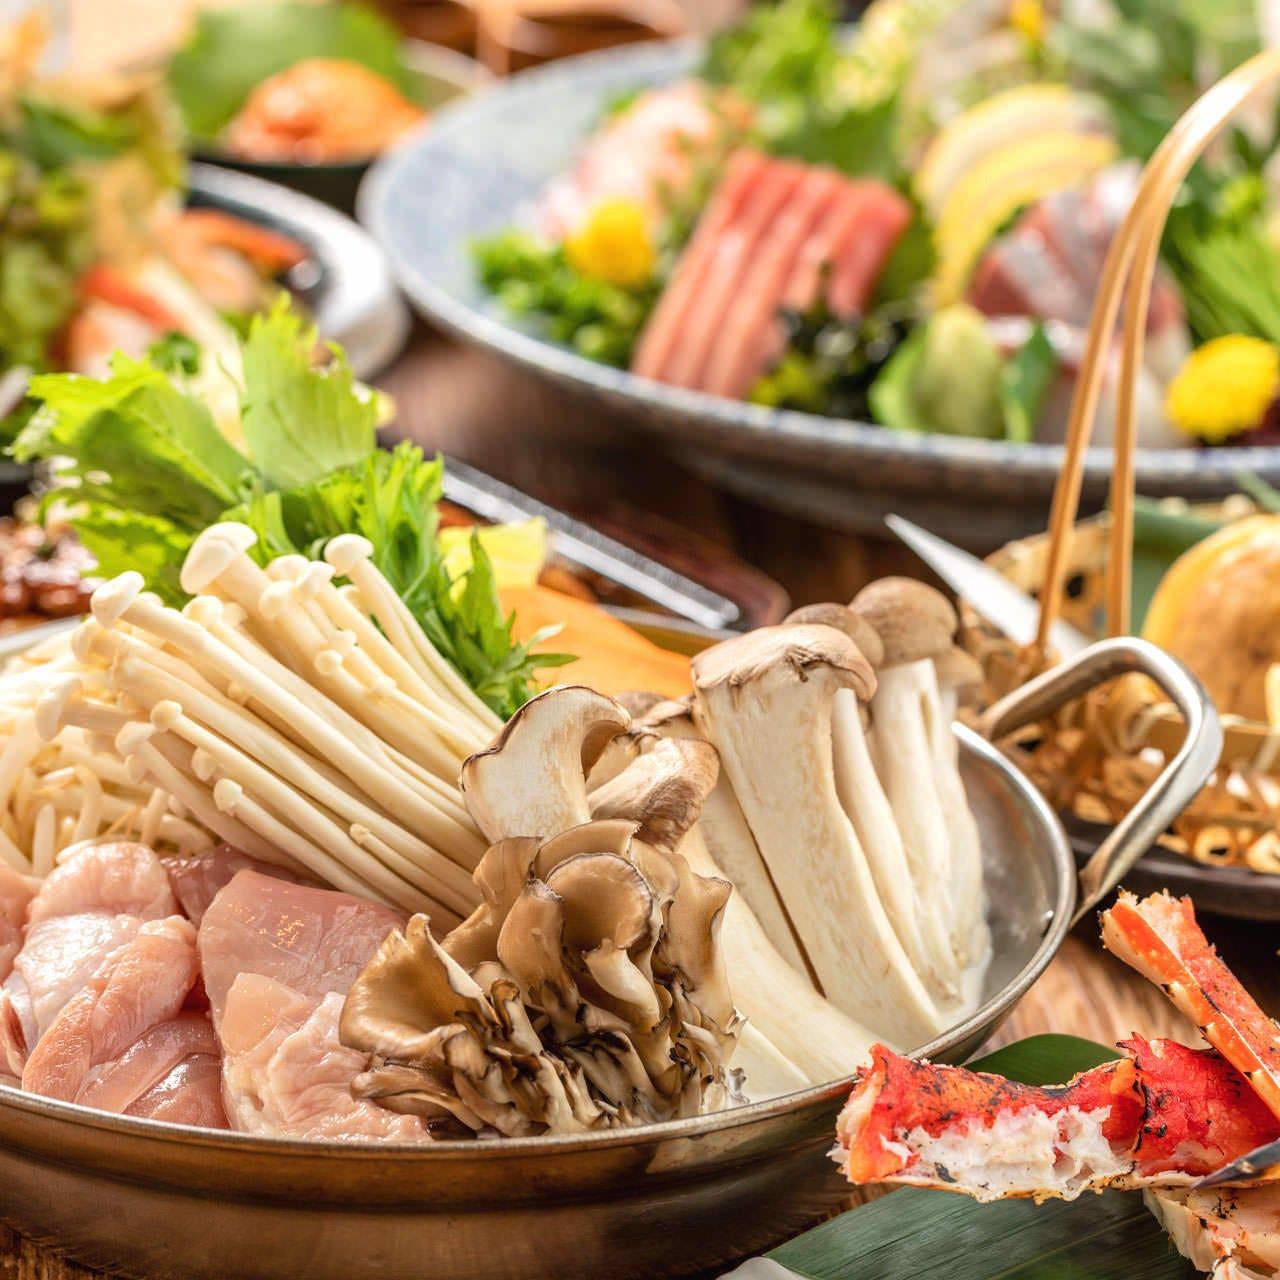 【柊コース】 メインは選べる鍋。厳選お造り盛り合わせ等! 3時間飲み放題付 全9品 4500円 宴会 歓送迎会